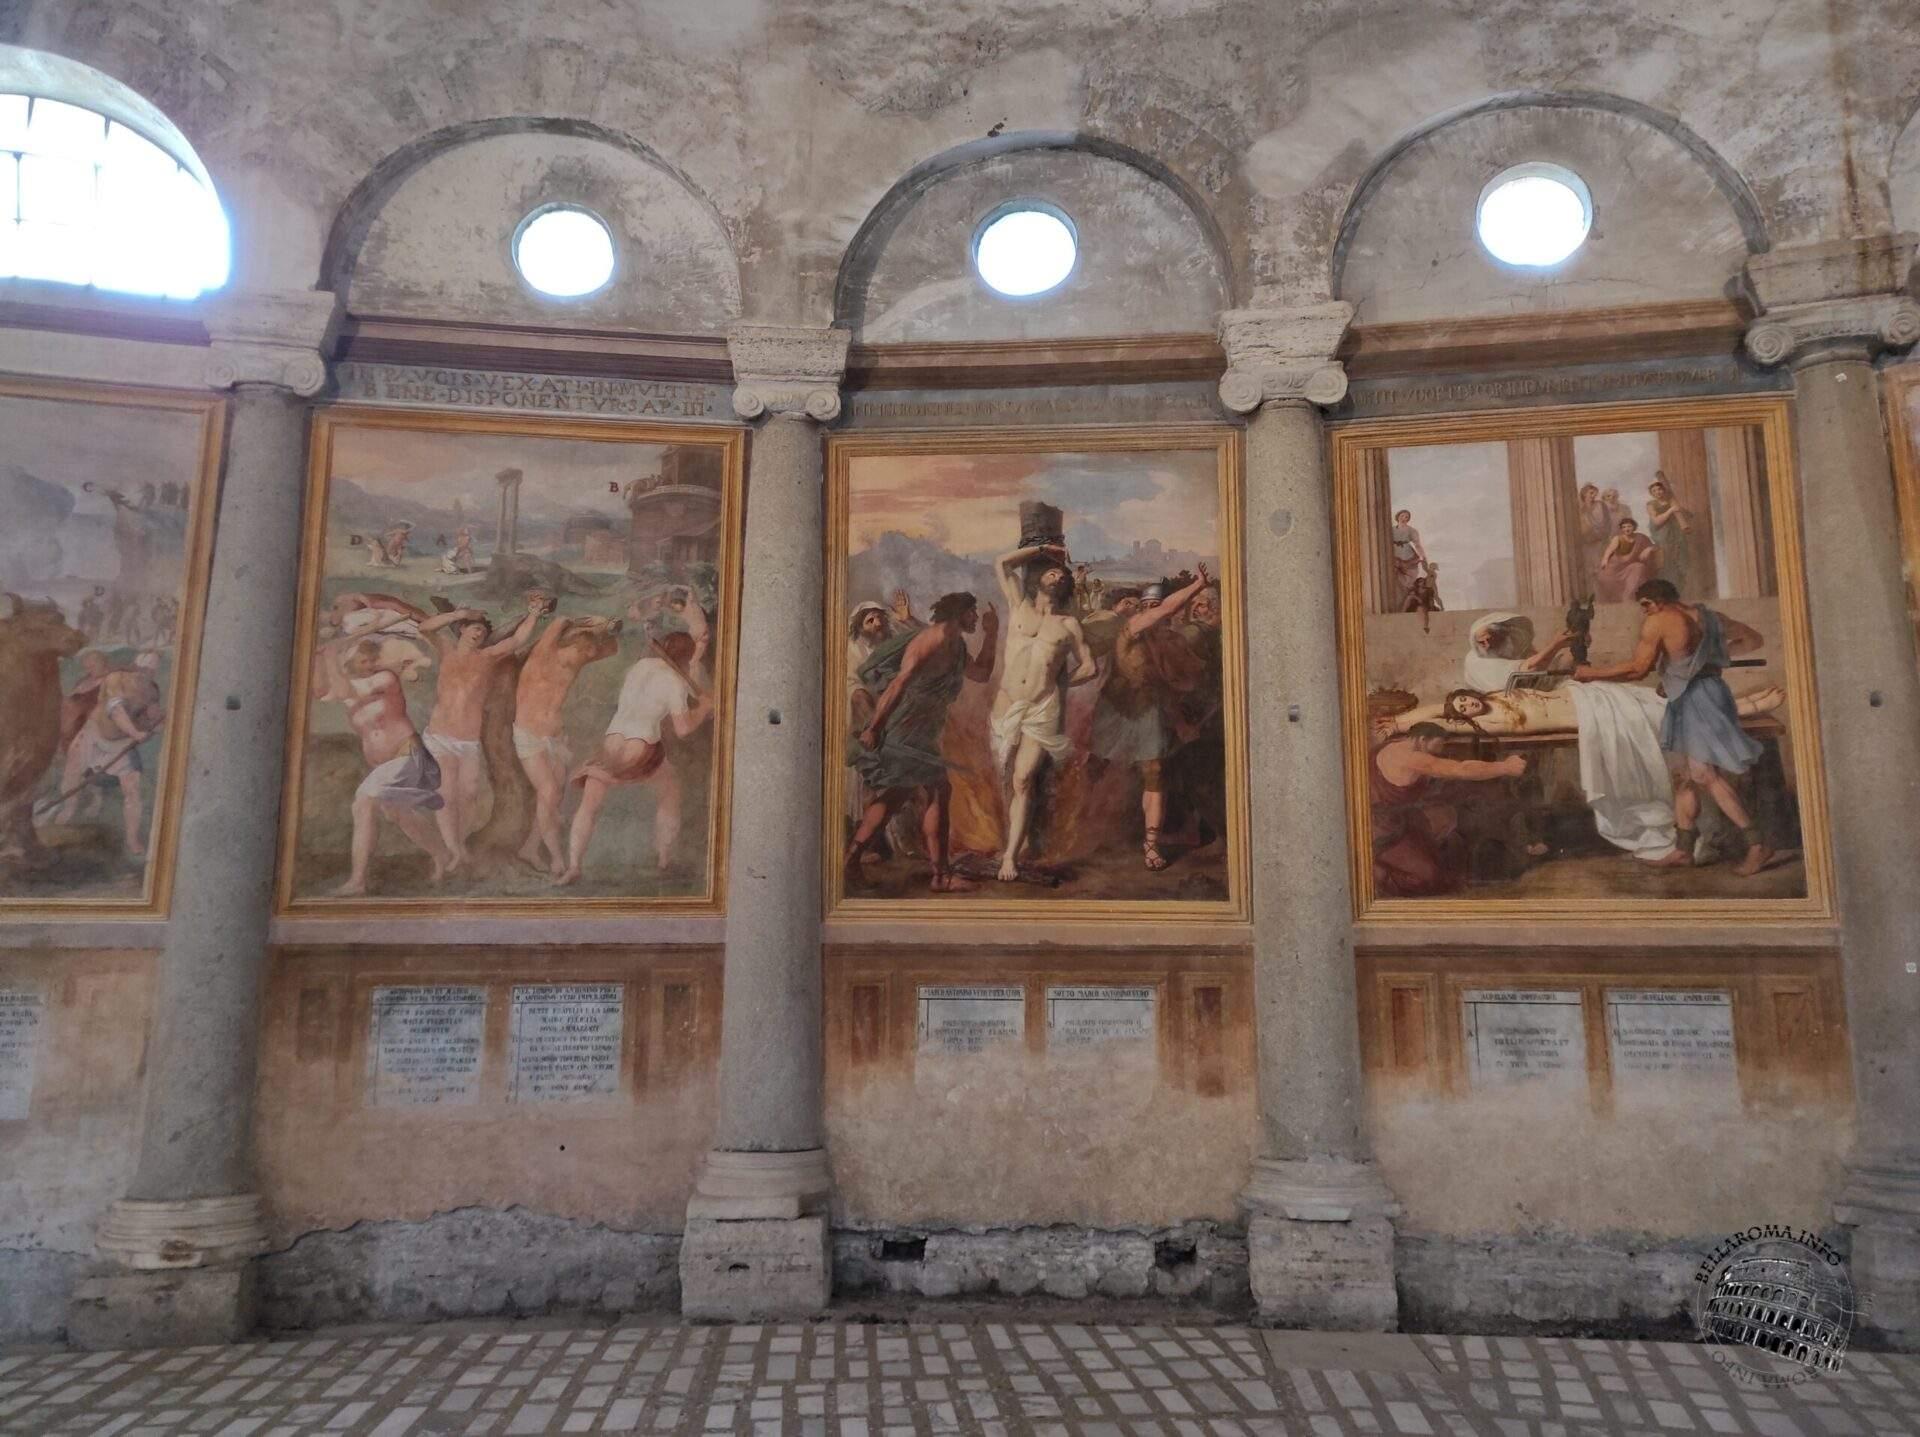 Pomarancio, affreschi con scene del martirologio, Interno, Chiesa di Santo Stefano Rotondo, Roma